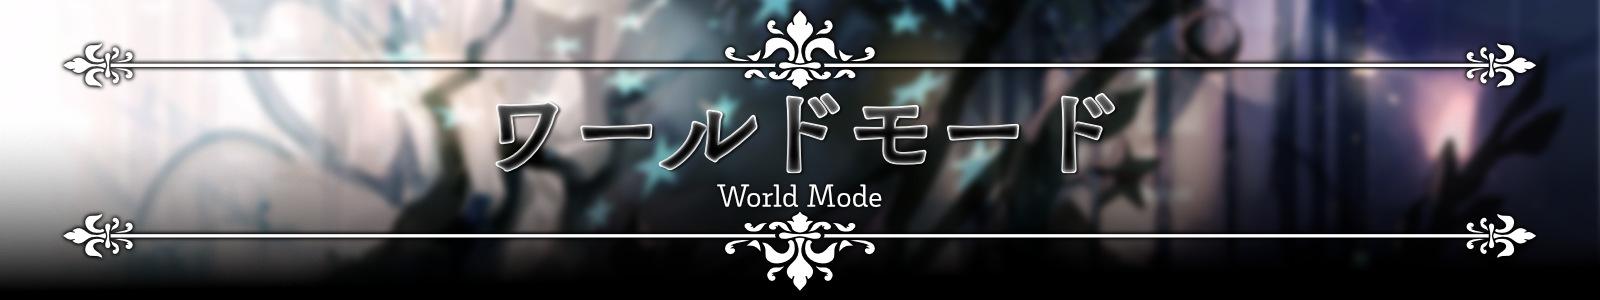 ワールドモード